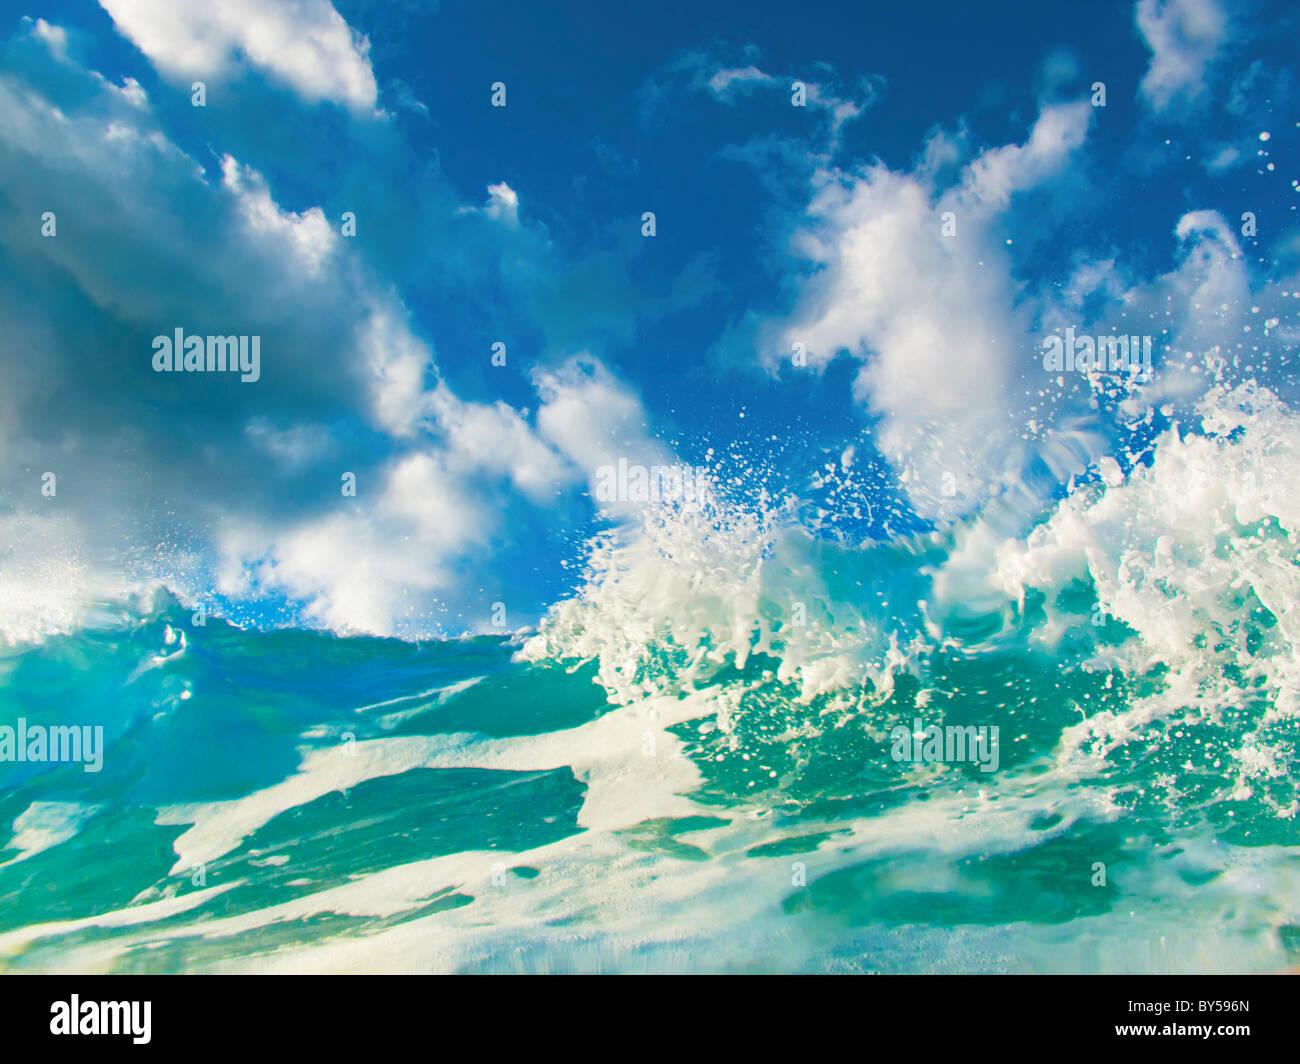 Green Wave mit blauen Wolkenhimmel hinter dem zusammenstoßen. Foto aufgenommen am La Canteras Strand, Gran Stockbild